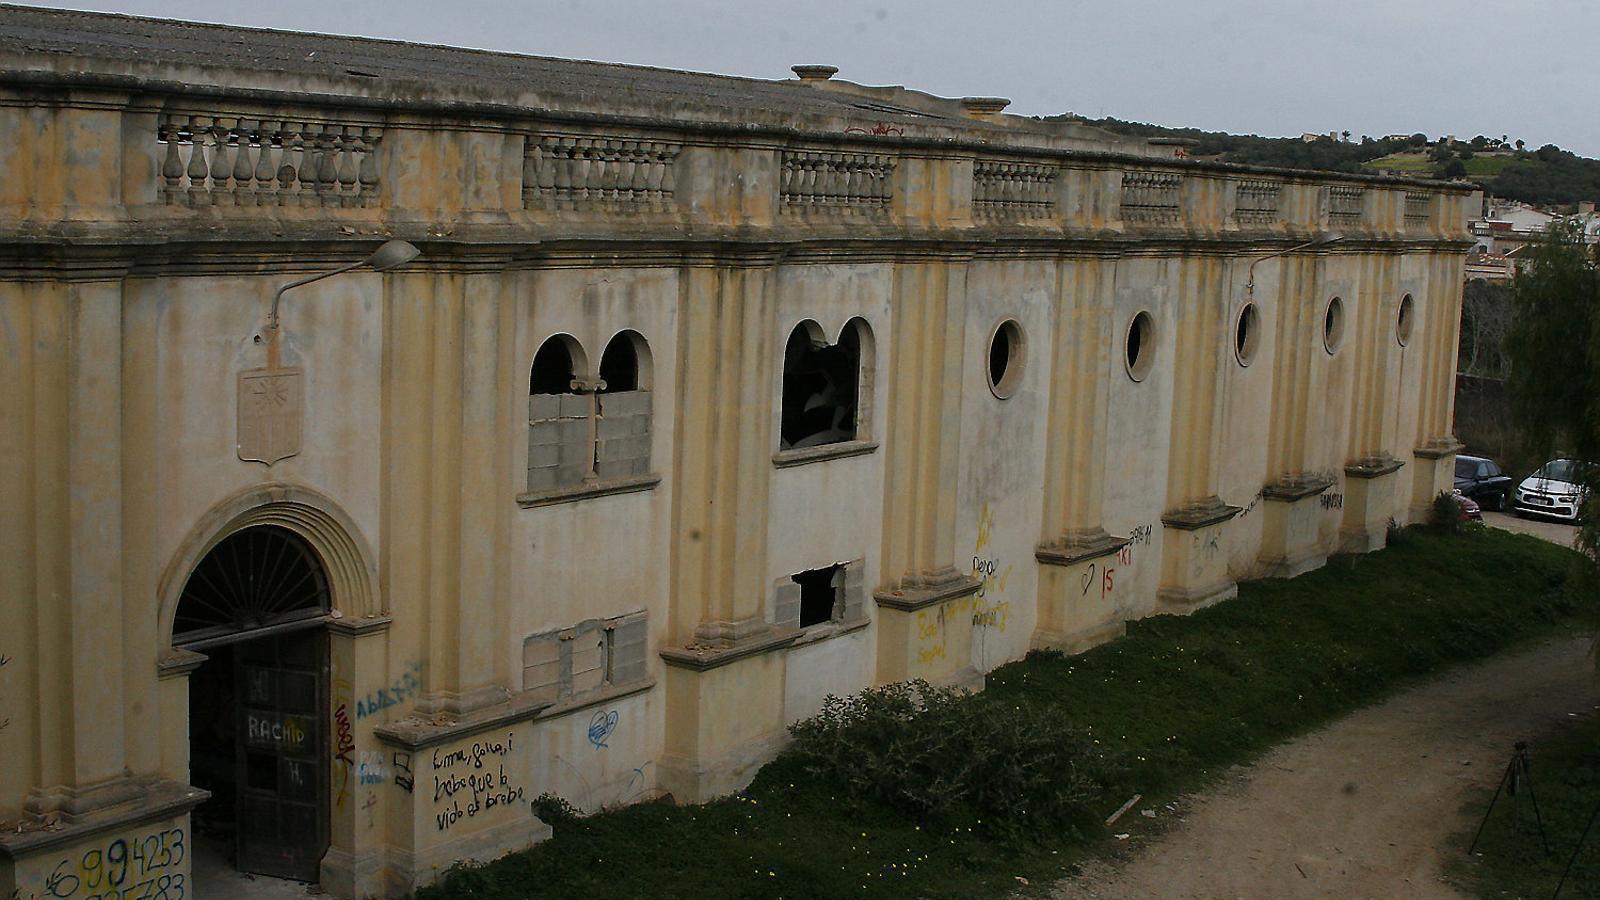 El Sindicat és BIC des de 2001 i la propietat està obligada a conservar-lo o, si no, el Consell el pot expropiar.  L'edifici del Sindicat té uns 6.000 metres quadrats construïts.